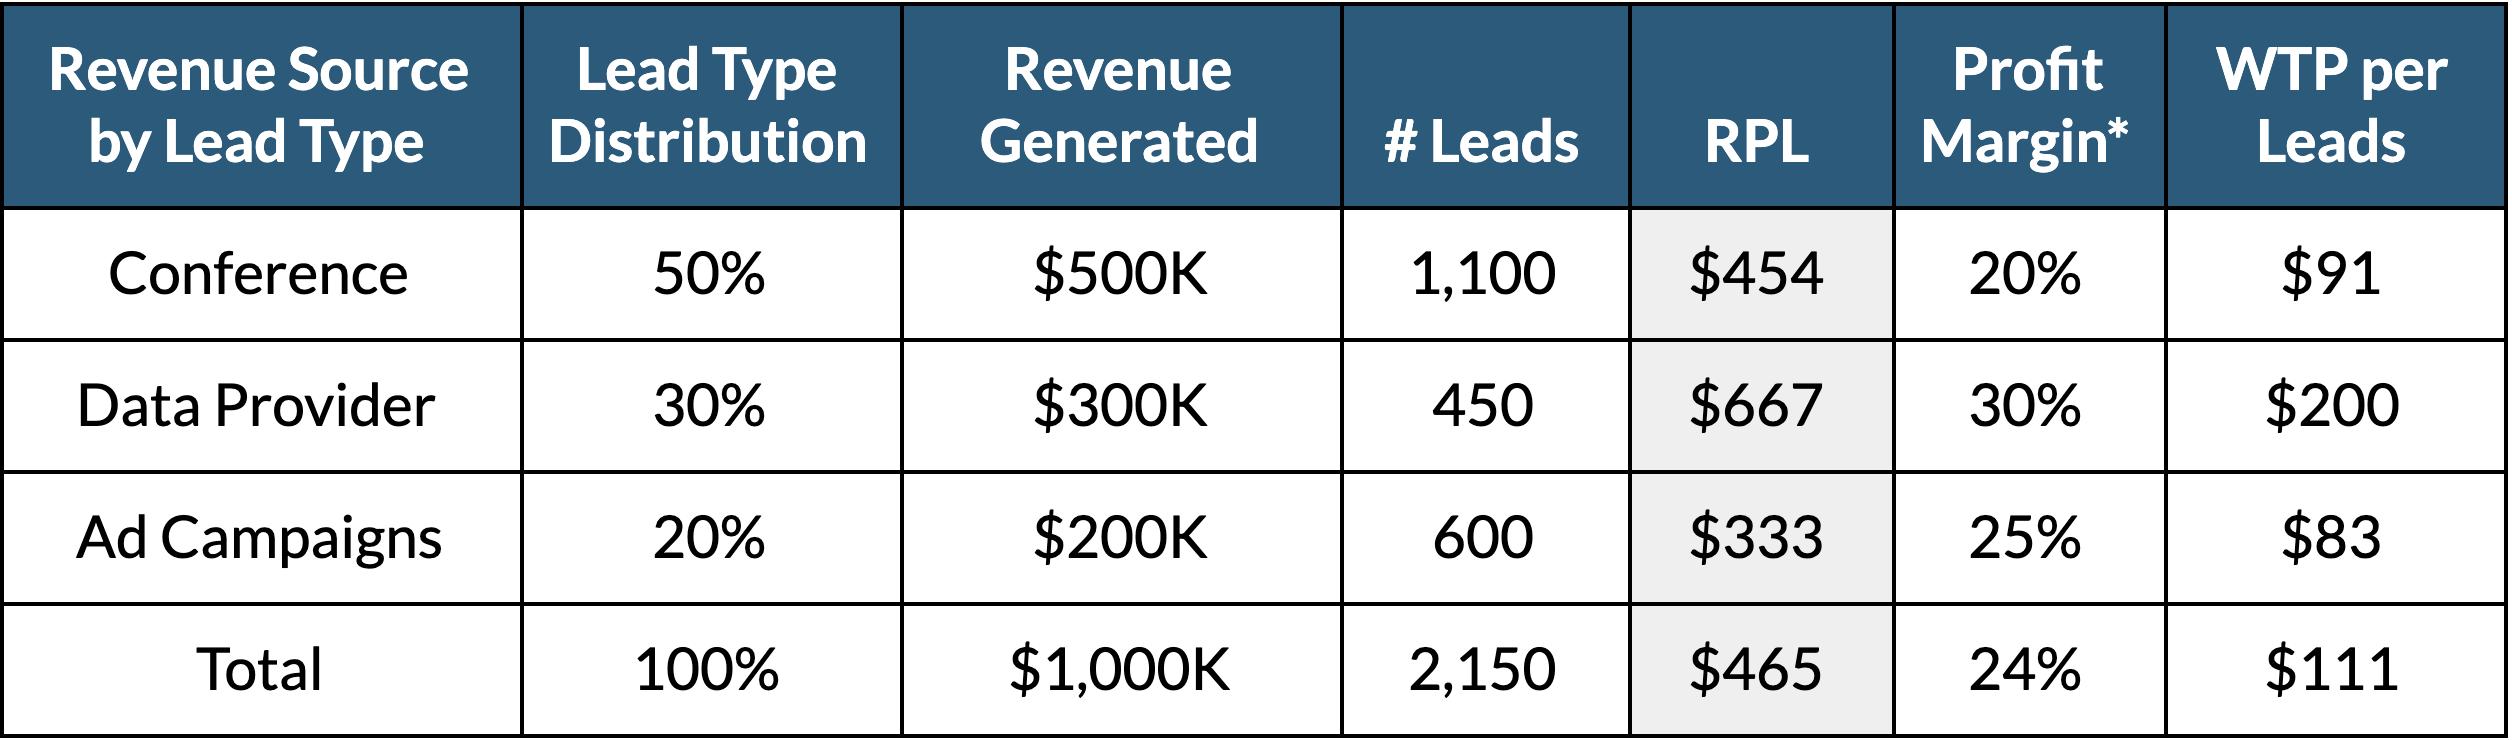 Revenue per lead Table